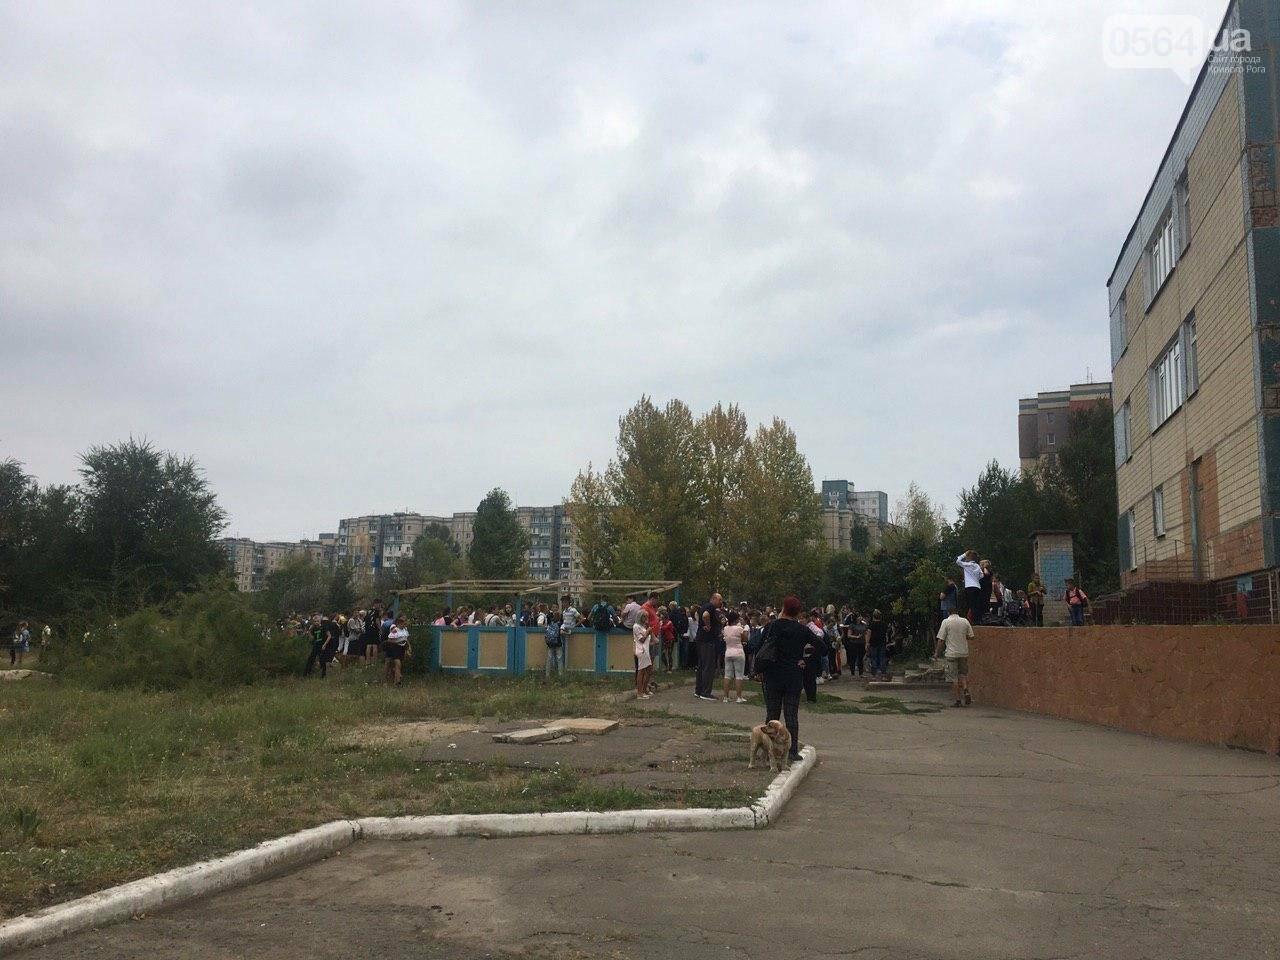 В одной из школ Кривого Рога из-за распыления неизвестного вещества срочно эвакуировали детей, - ФОТО, фото-8